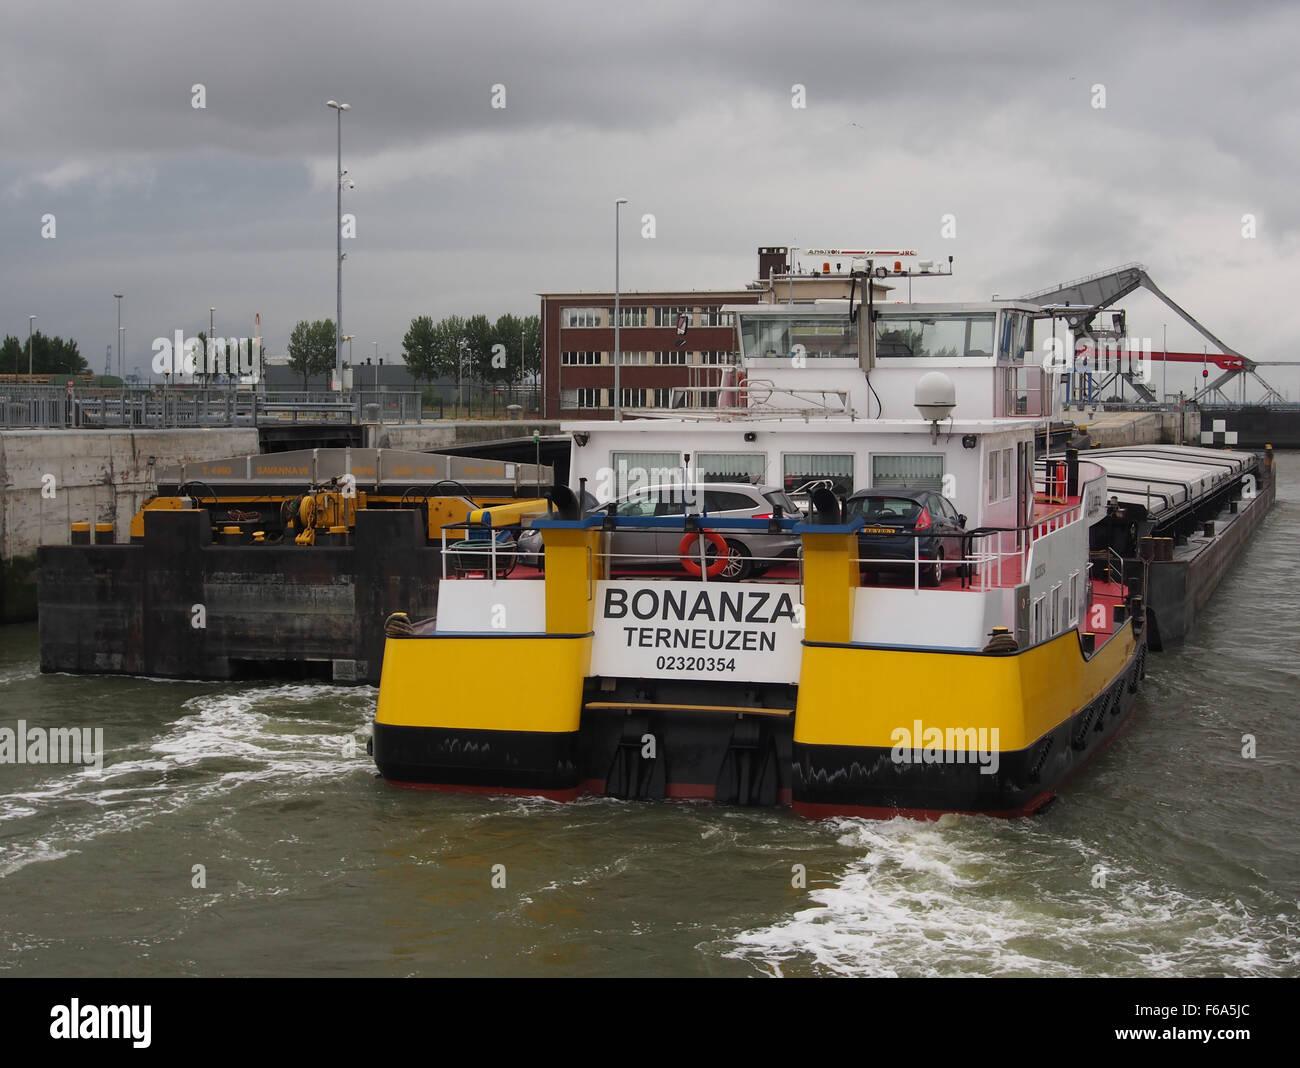 Bonanza - ENI 02320254, Van Cauwelaertsluis, Port of Antwerp pic5 Stock Photo